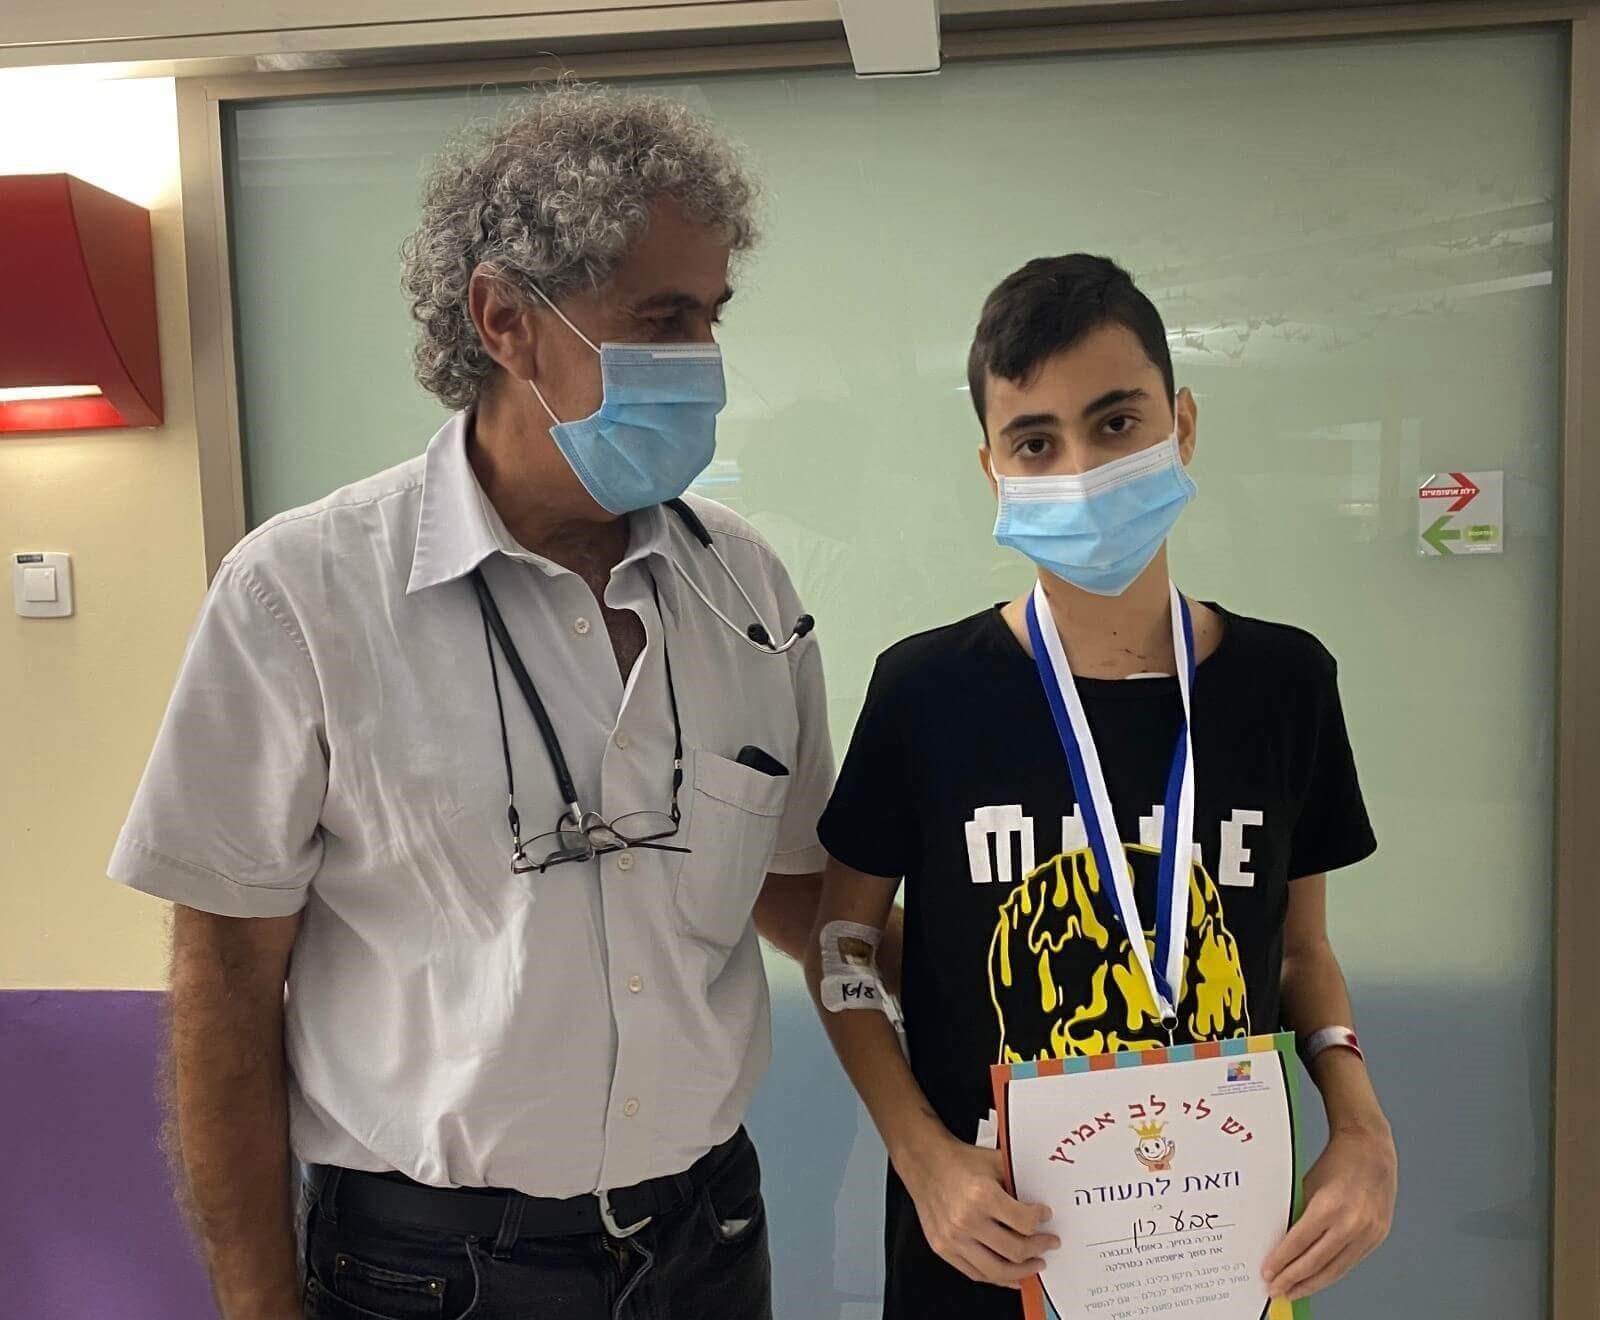 הנער רון גבע עם פרופ' עובדי דגן, מנהל היחידה לטיפול נמרץ לב צילום: שניידר